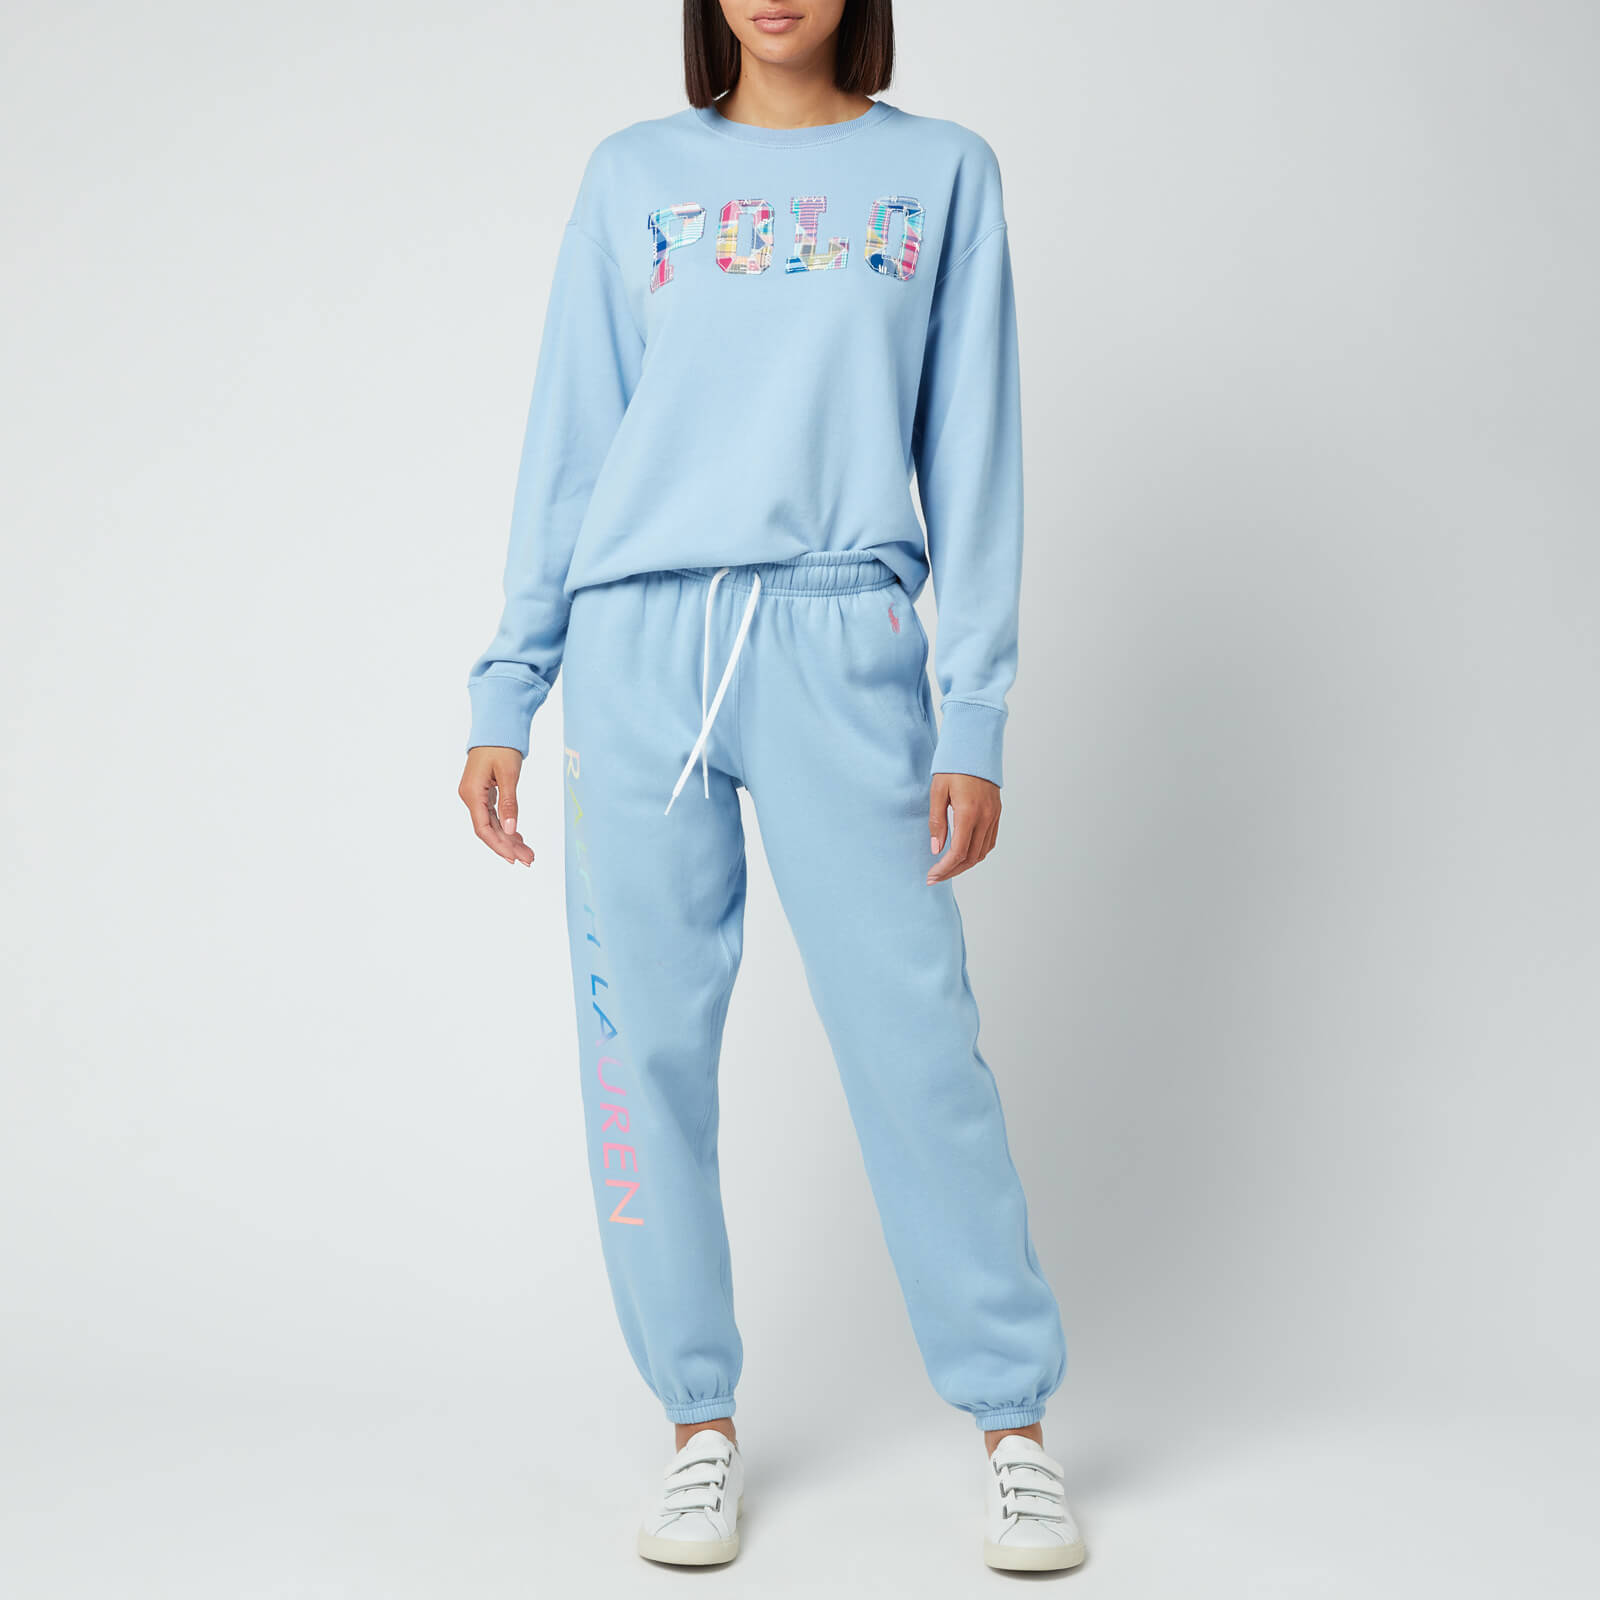 polo ralph lauren women's logo sweatpants - chambray blue - xs